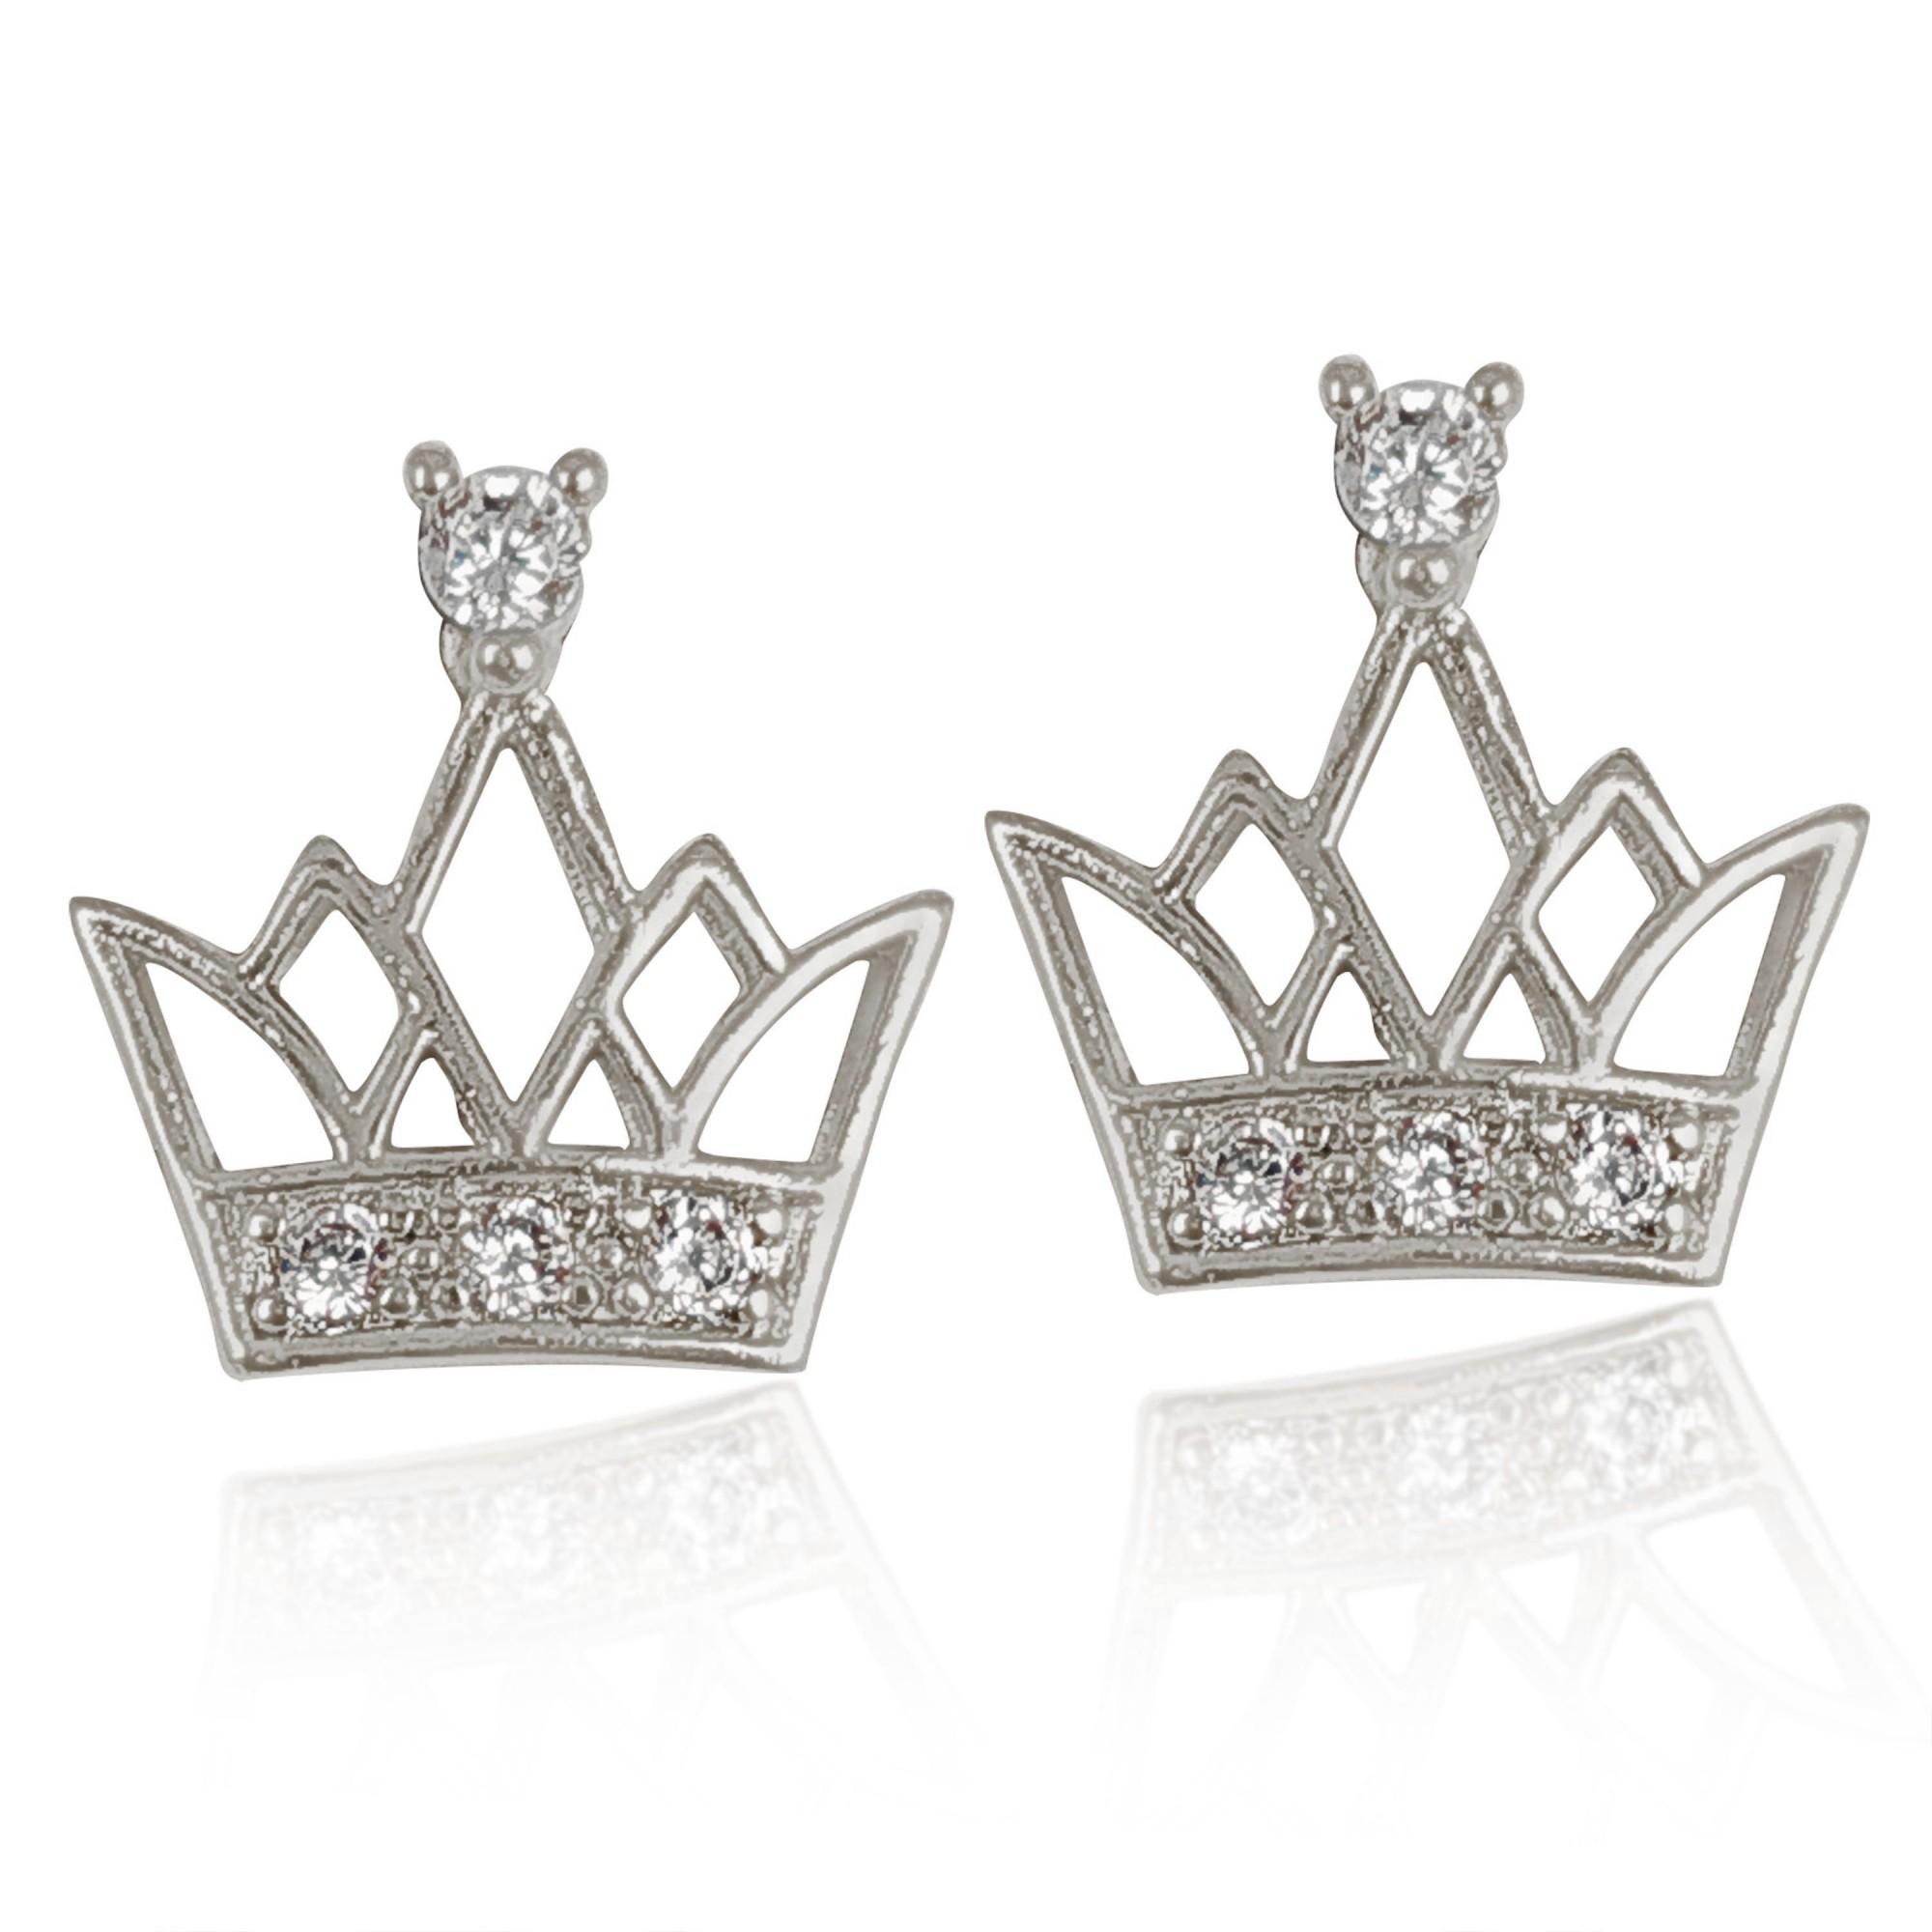 Brinco Pequeno Coroas de Zircônia Folheado a Prata 1000  - Lunozê Joias